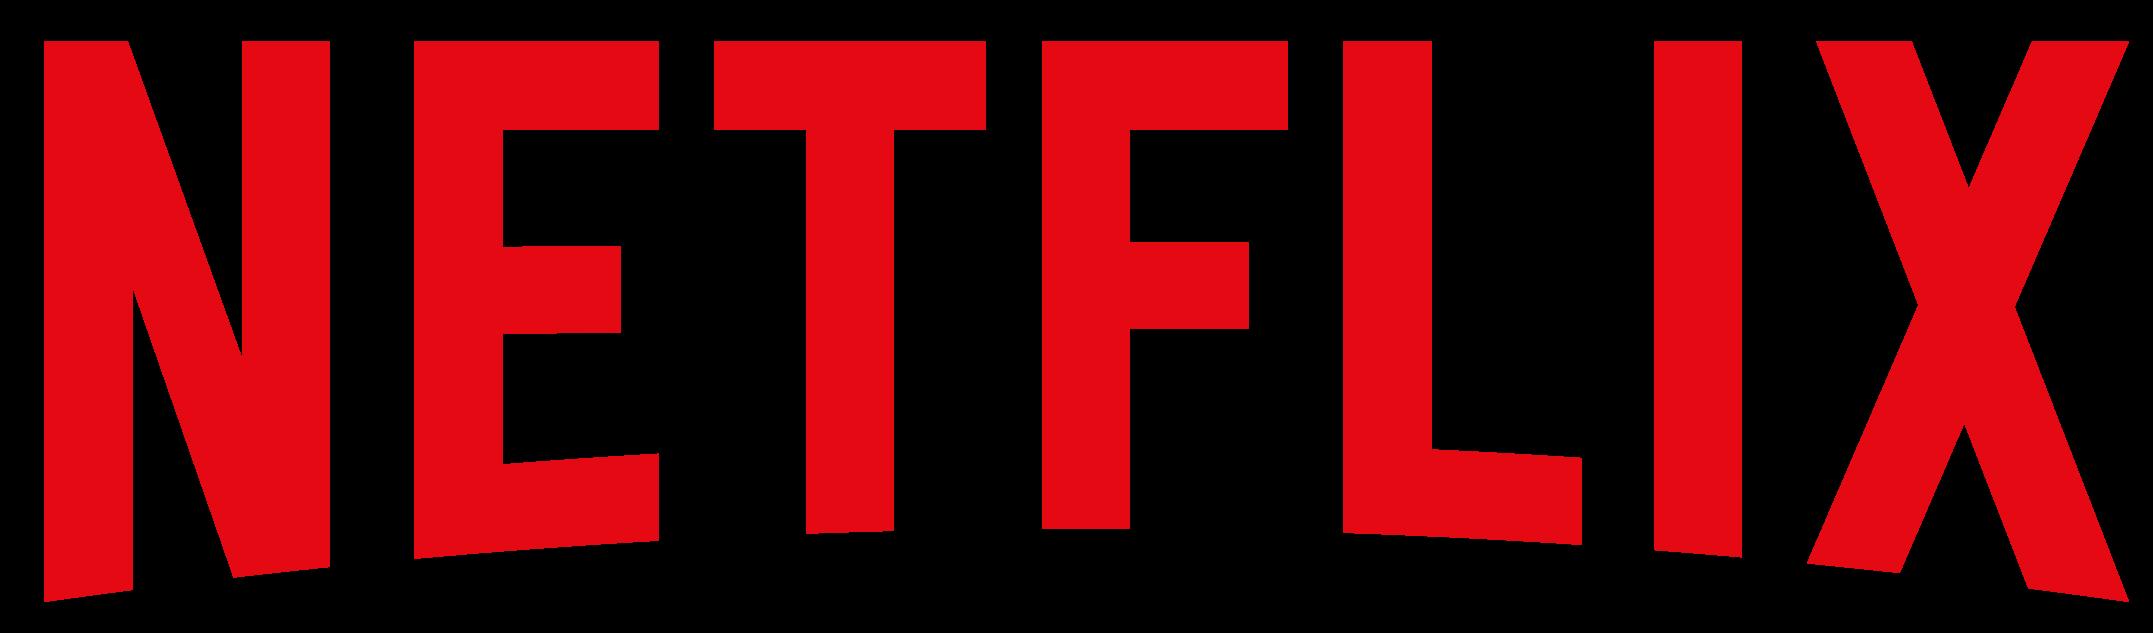 Netflix gratis abril 2017